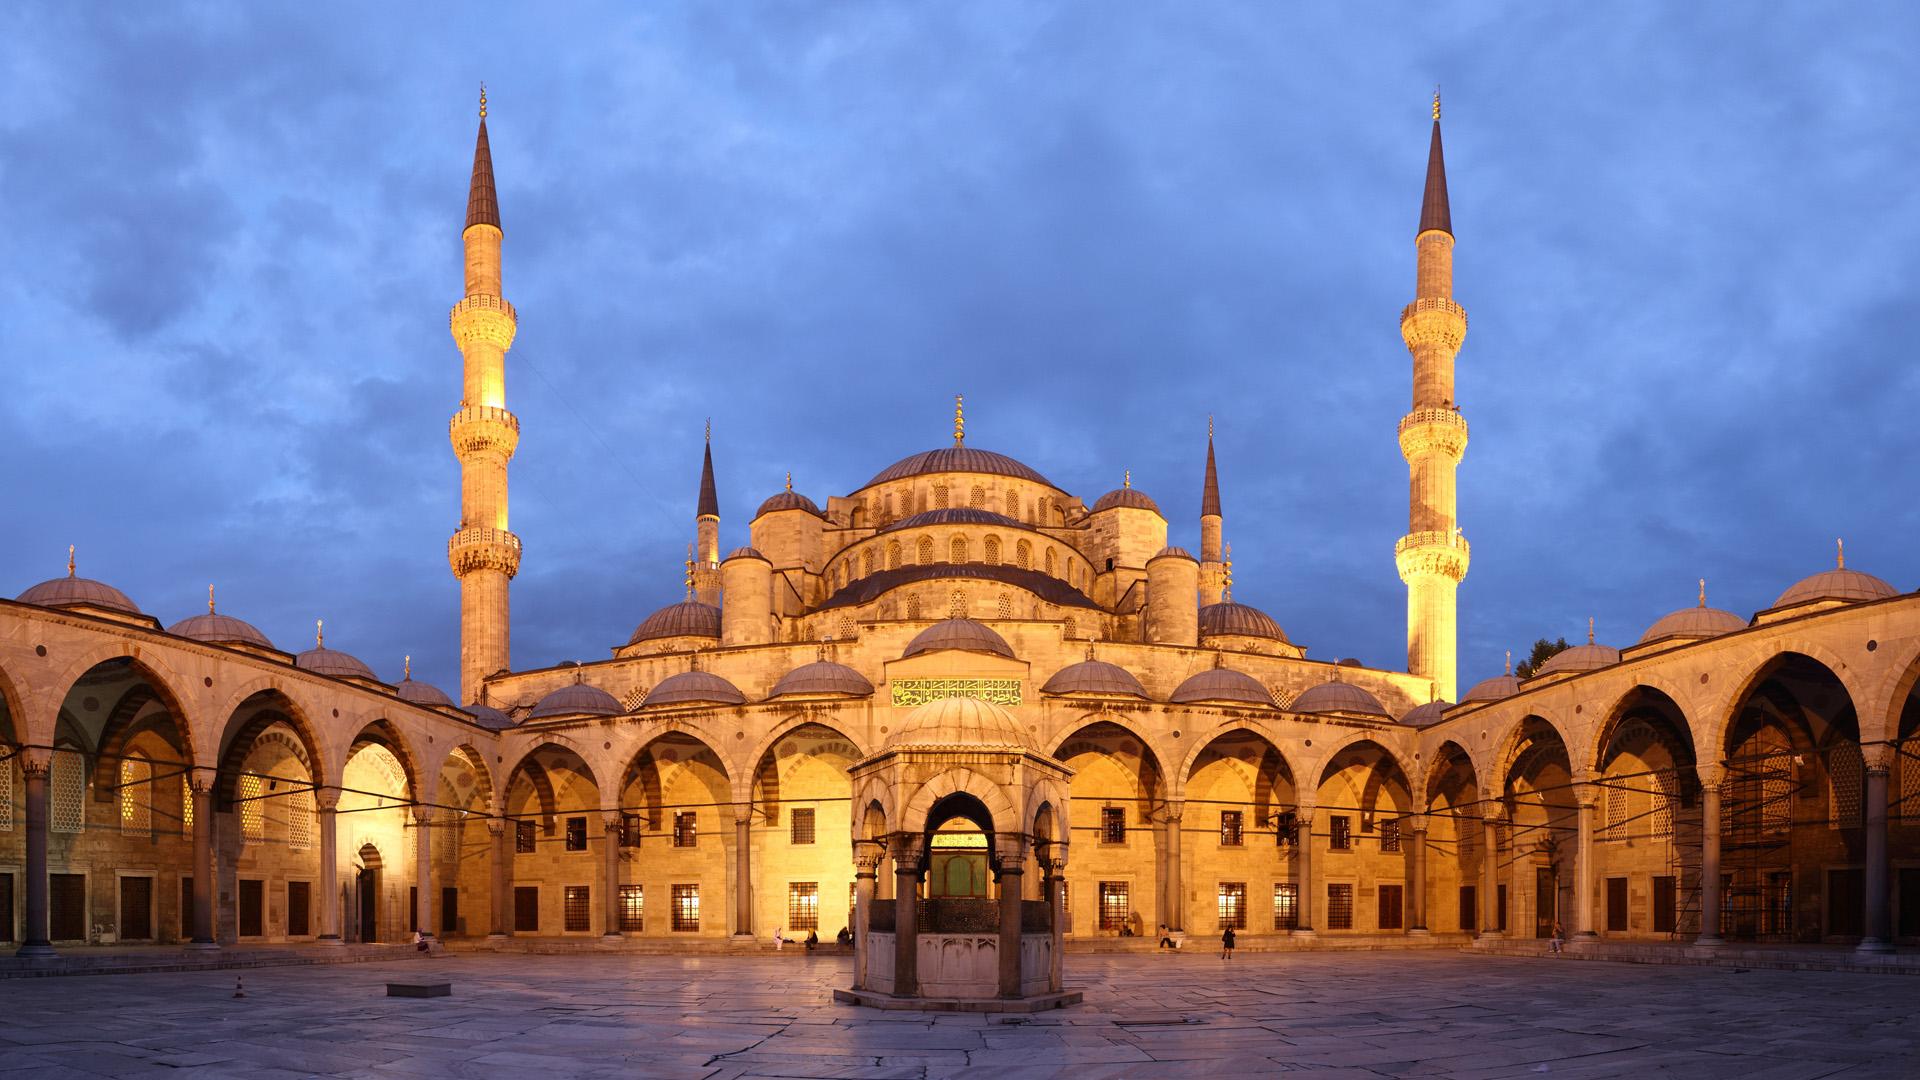 La antigua basílica patriarcal ortodoxa de Estambul, Santa Sofía, reconvertida en museo.